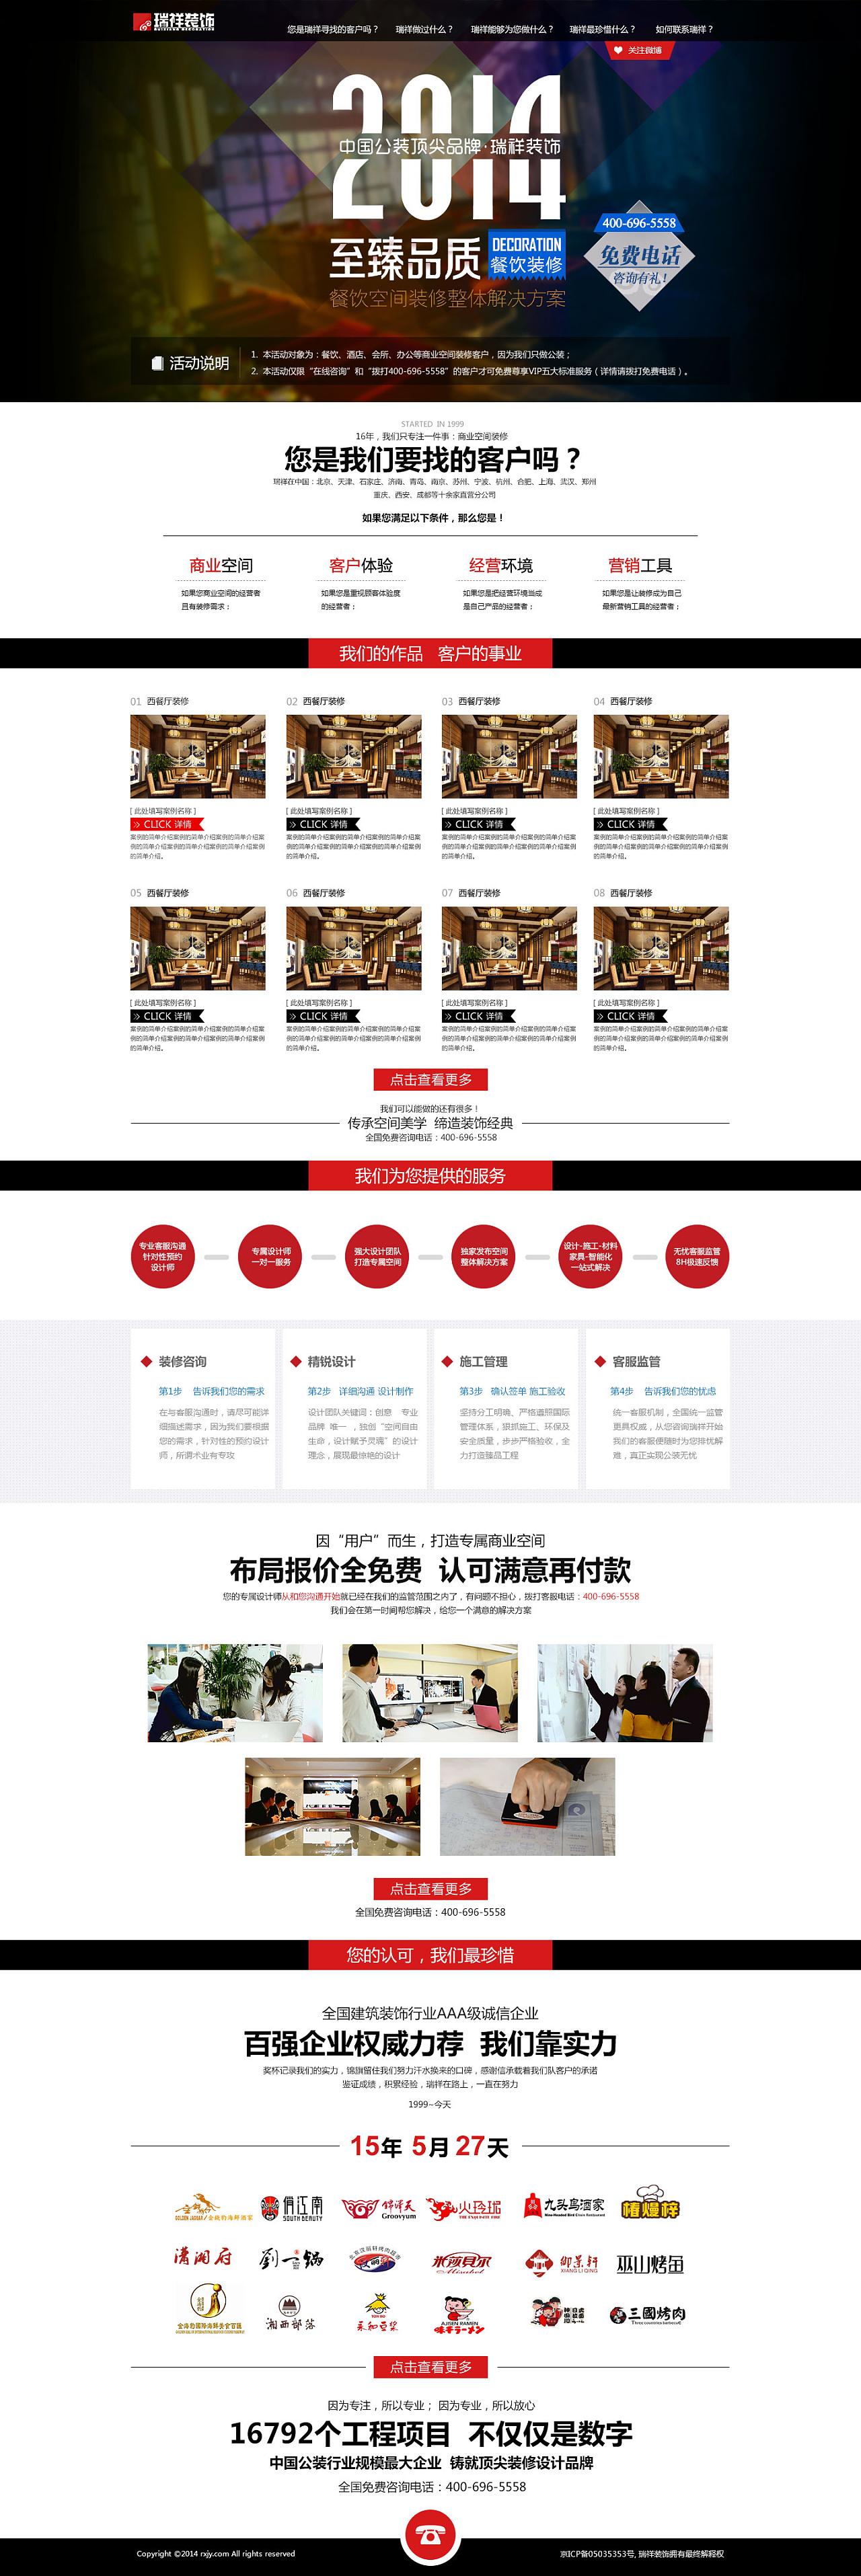 室内装修页面网页活动/strong>|教材|内容/设计|澳博-原创室内设计师专题专题图片